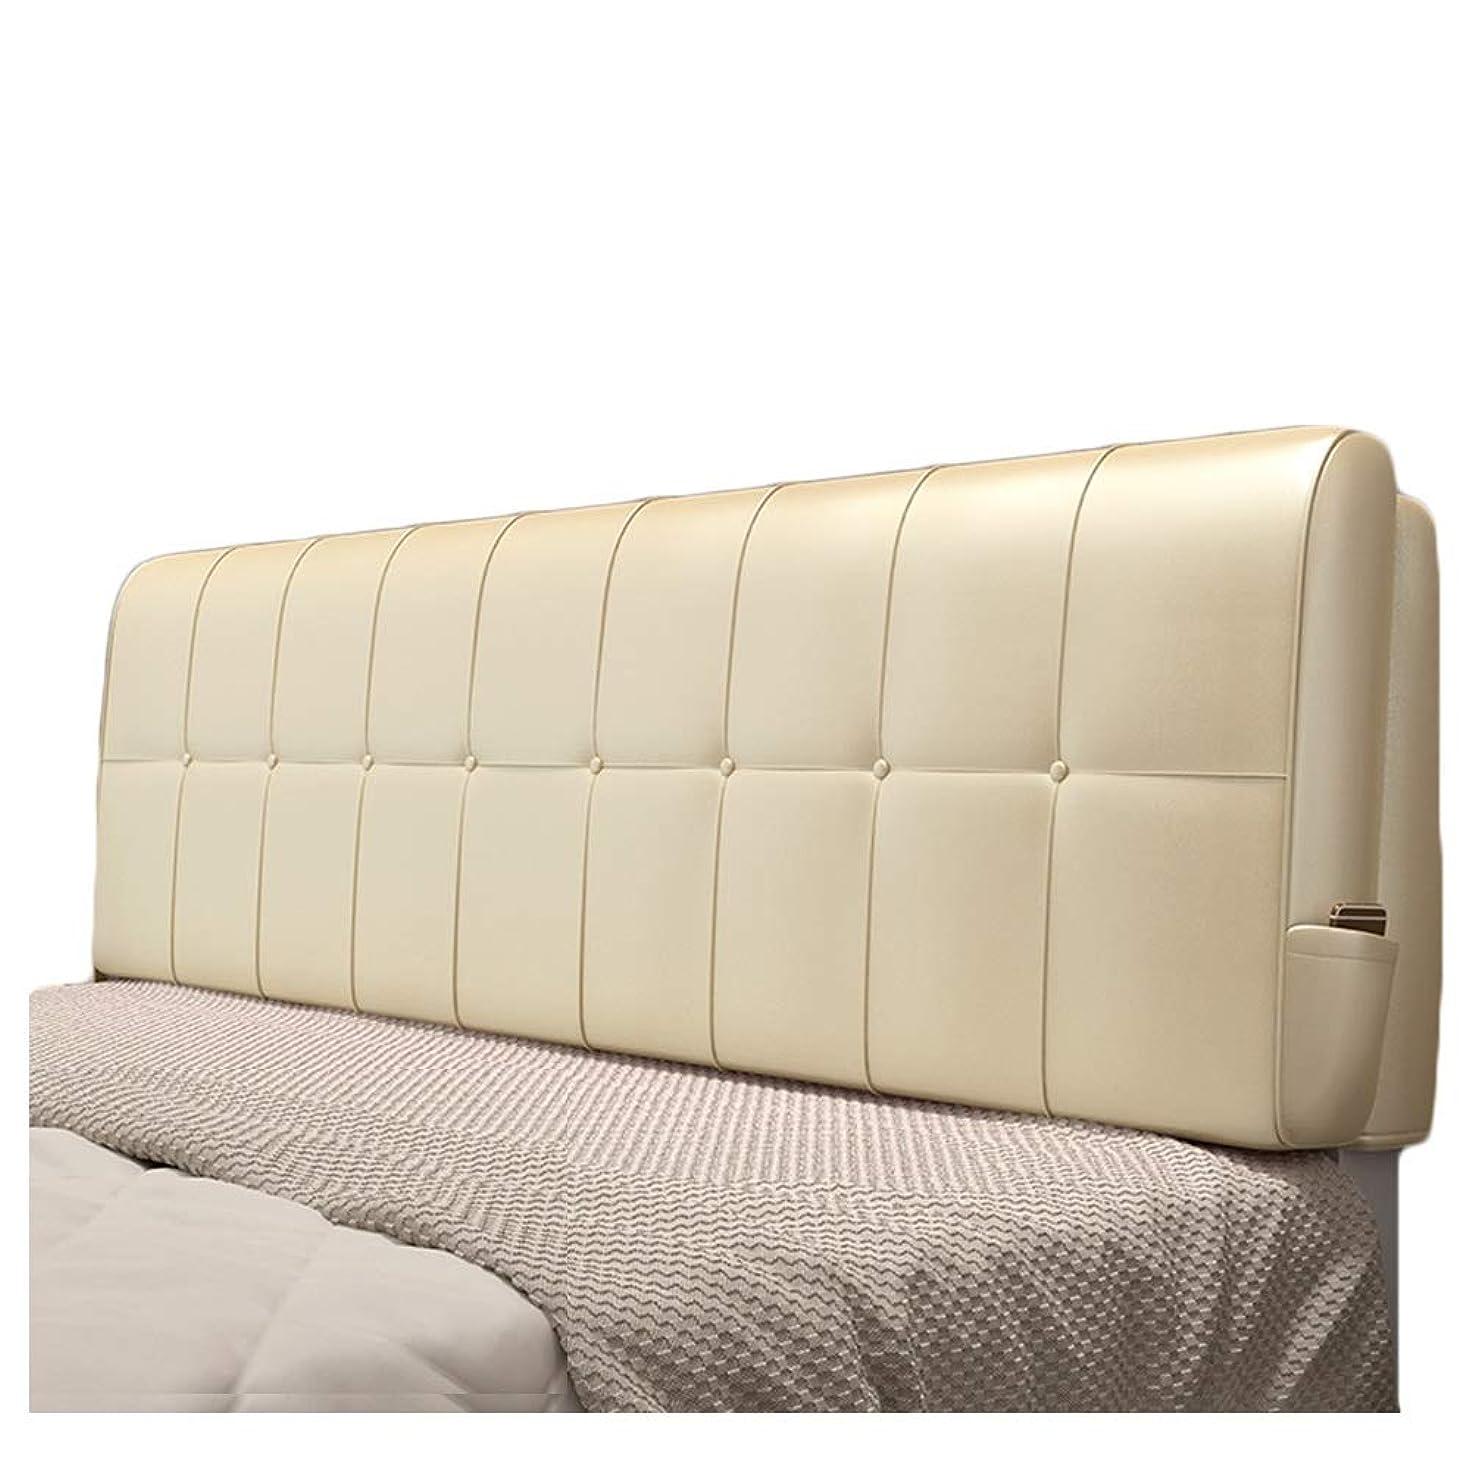 劣るに対して座標WENZHE クッションベッド 床用靠垫 ウェッジ PU スポンジ 背もたれ ホーム 寝室 ソフトケース お手入れが簡単 5色 (Color : C, Size : 150x58cm)